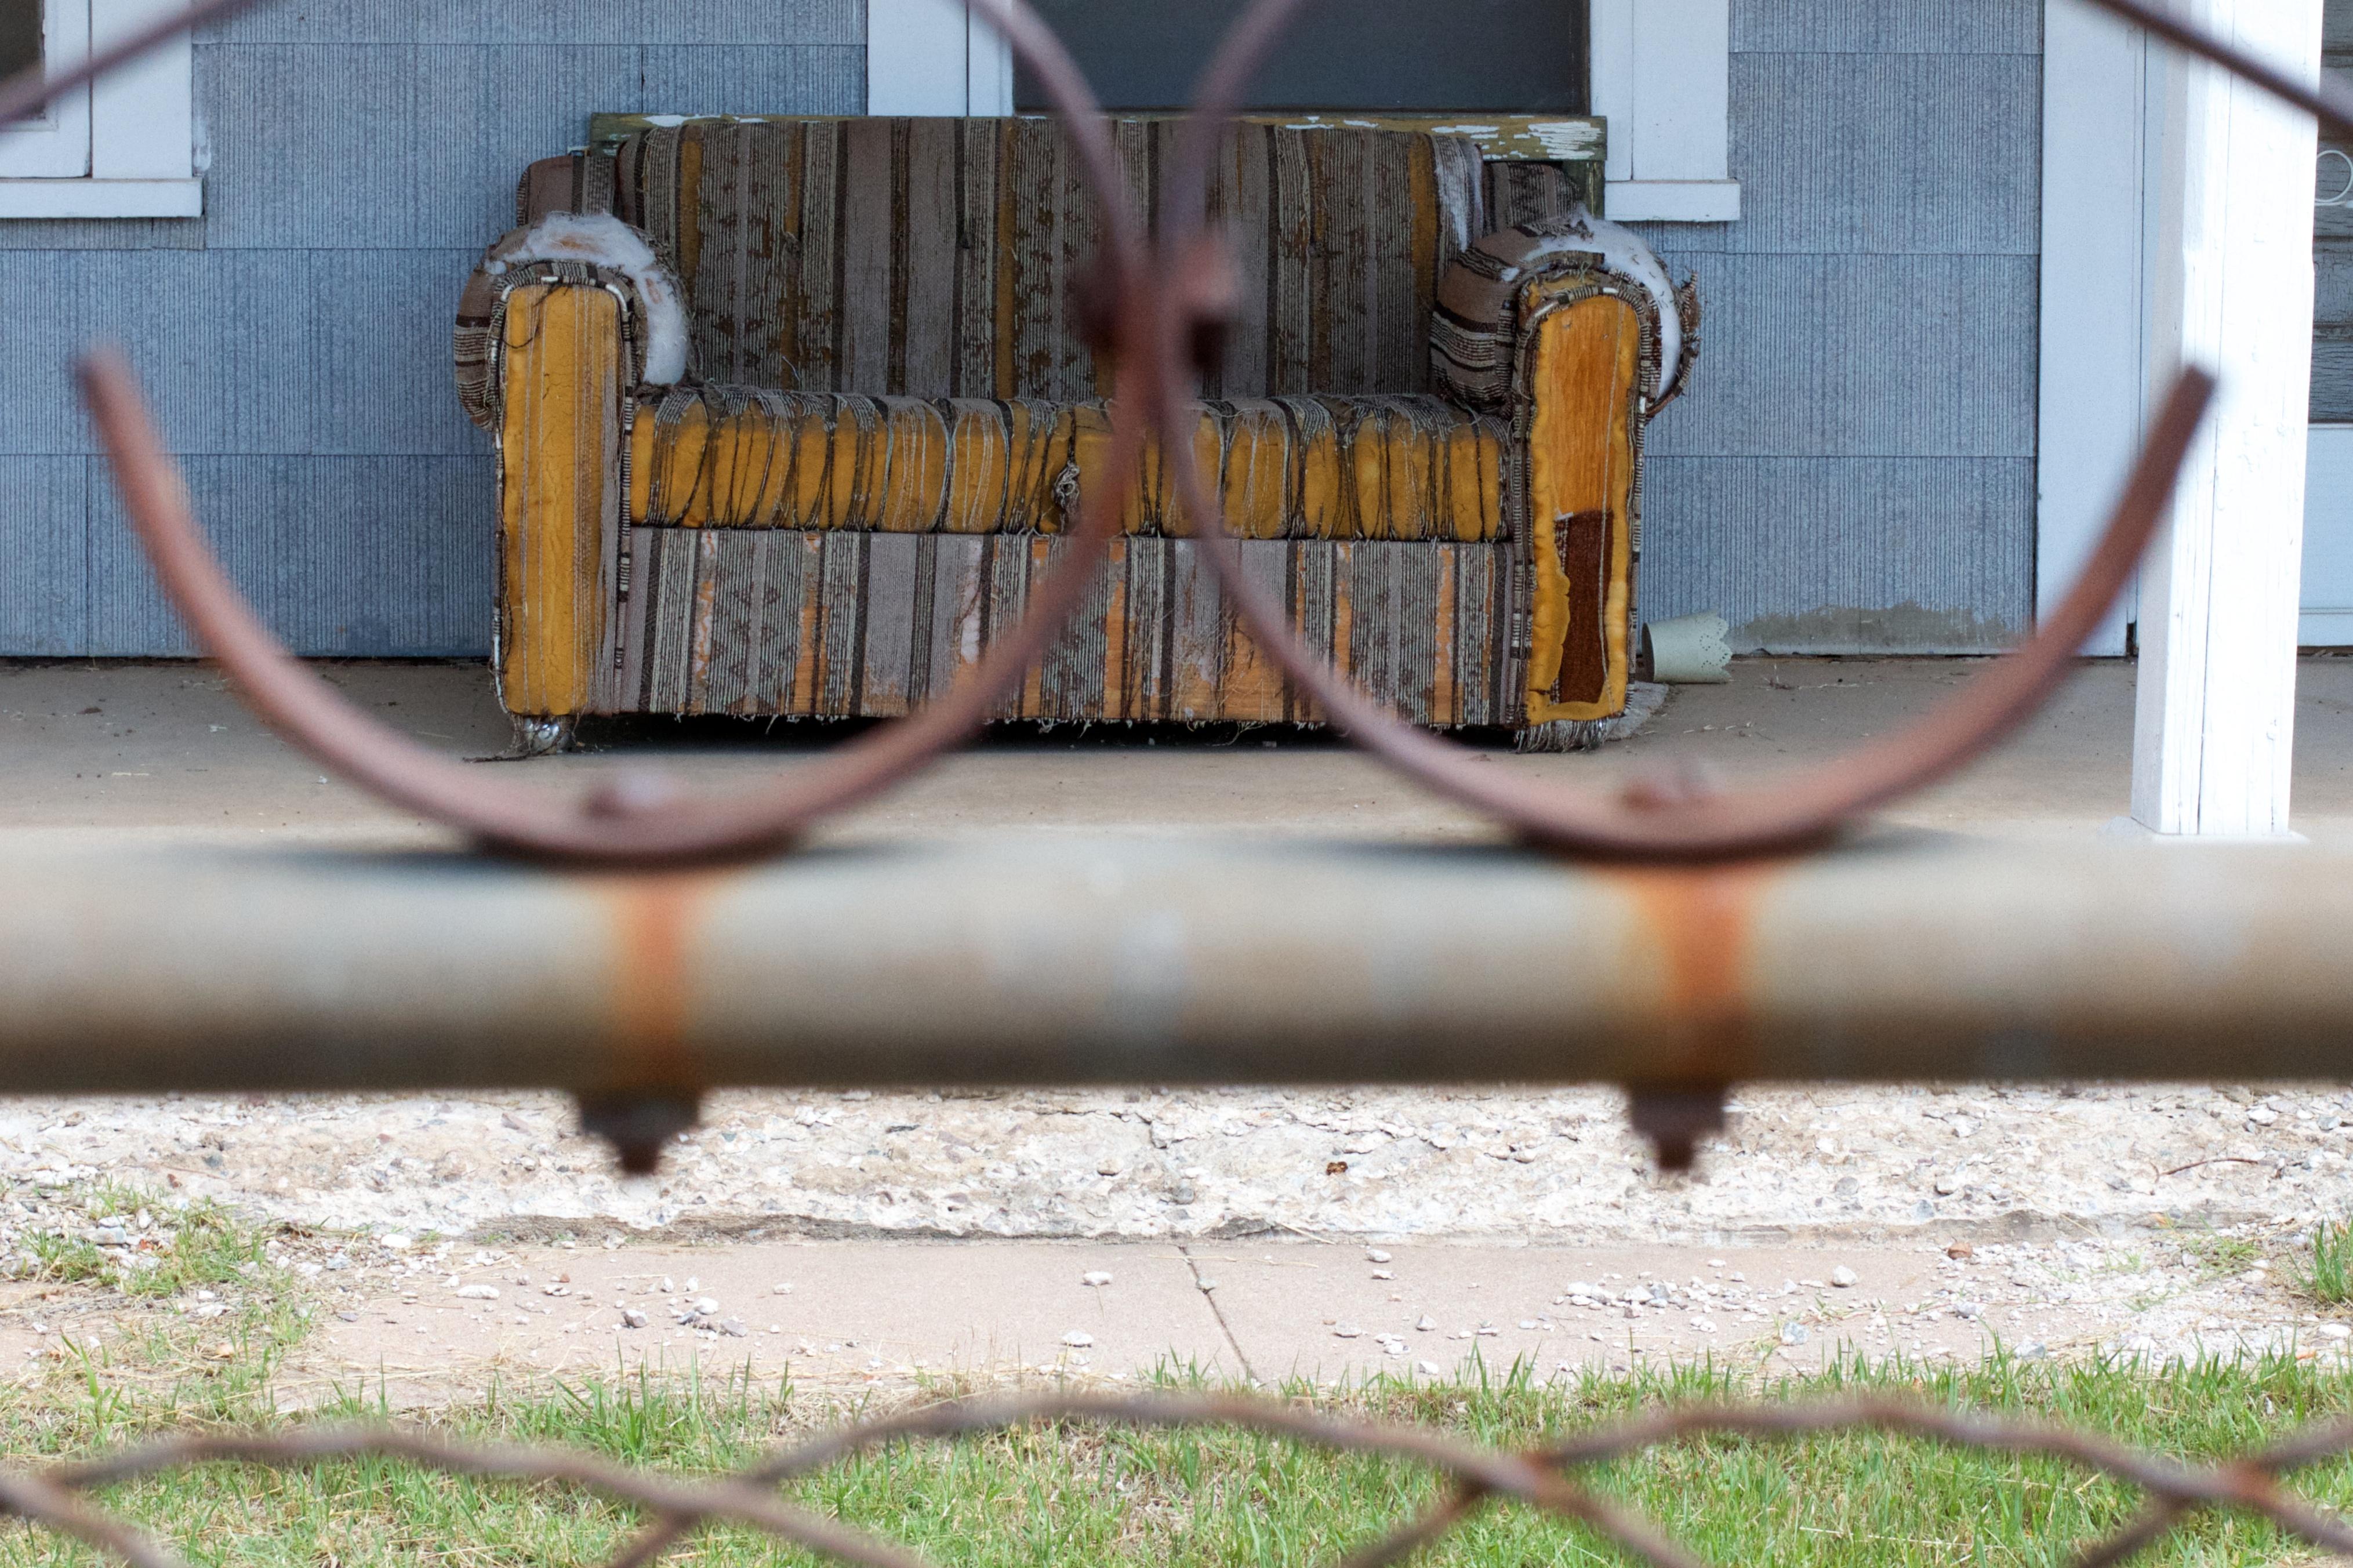 Fotos Gratis Madera Mueble Objeto Hecho Por El Hombre  # Jutlandia Muebles